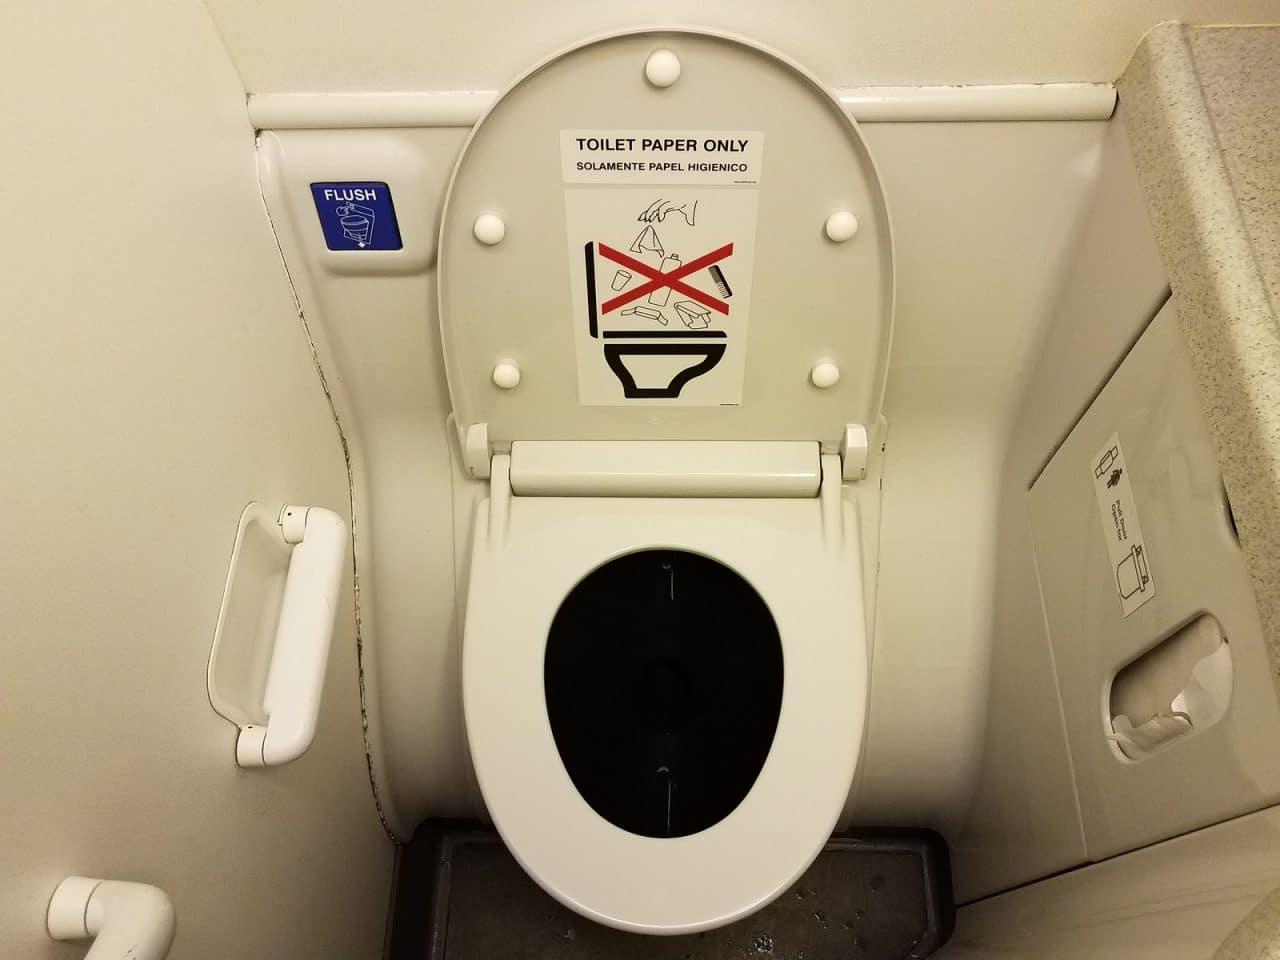 Flugverspätung wegen Verstopfung der Flugzeugtoiletten